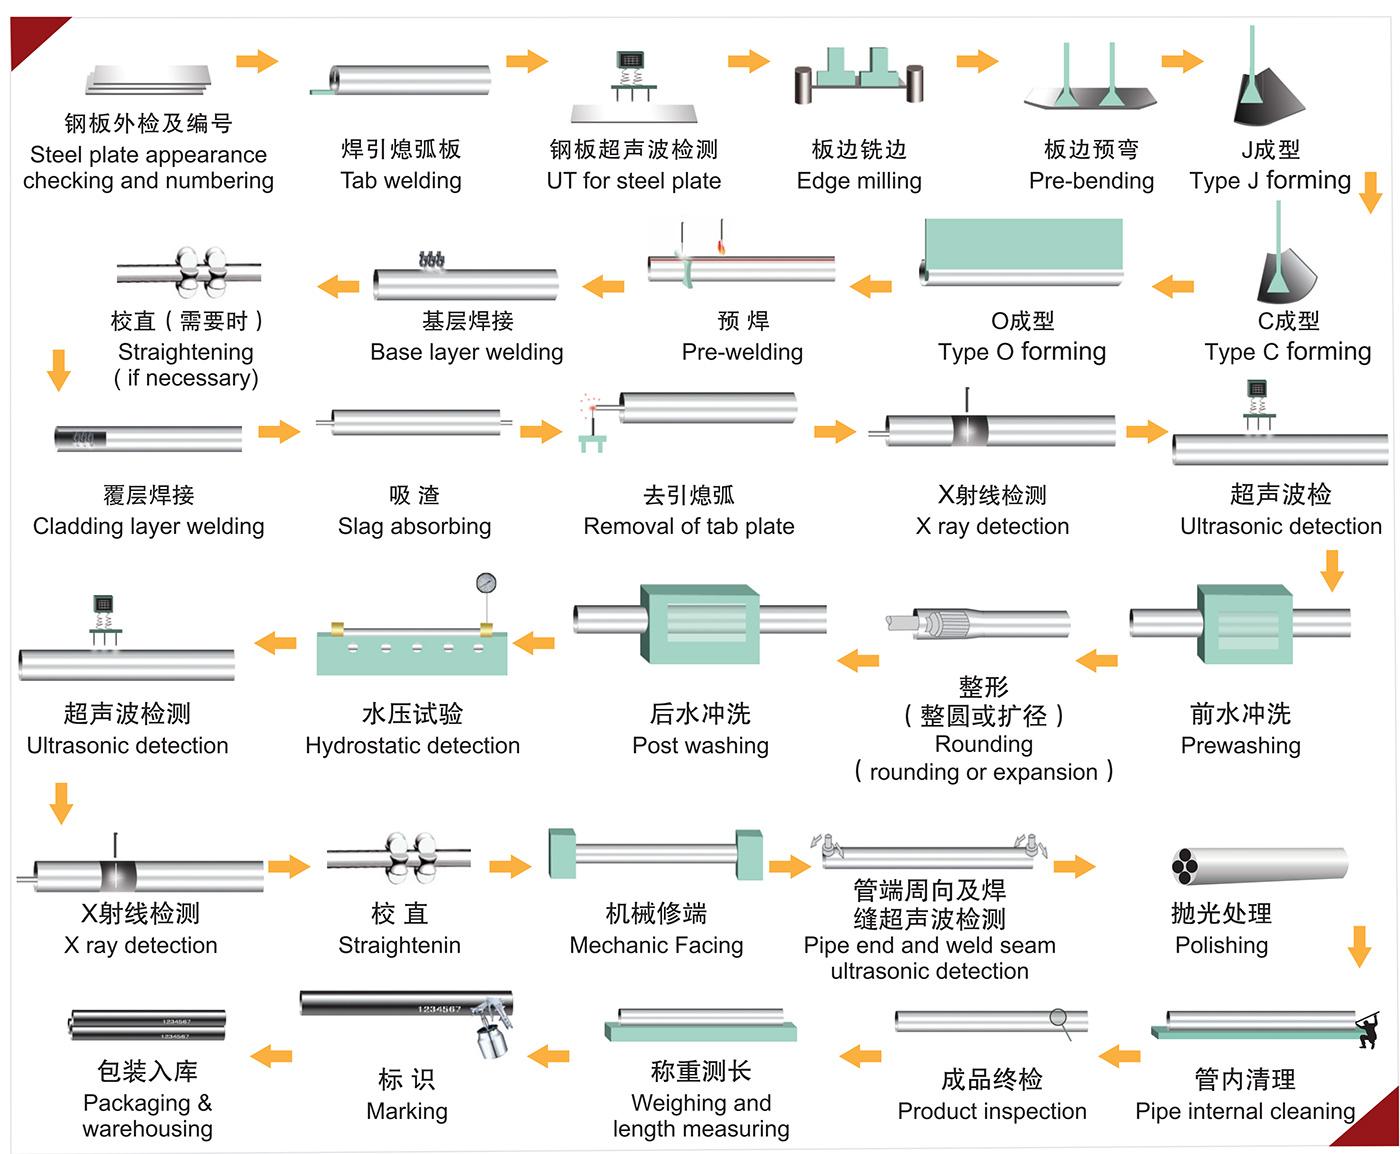 生产工艺图.jpg